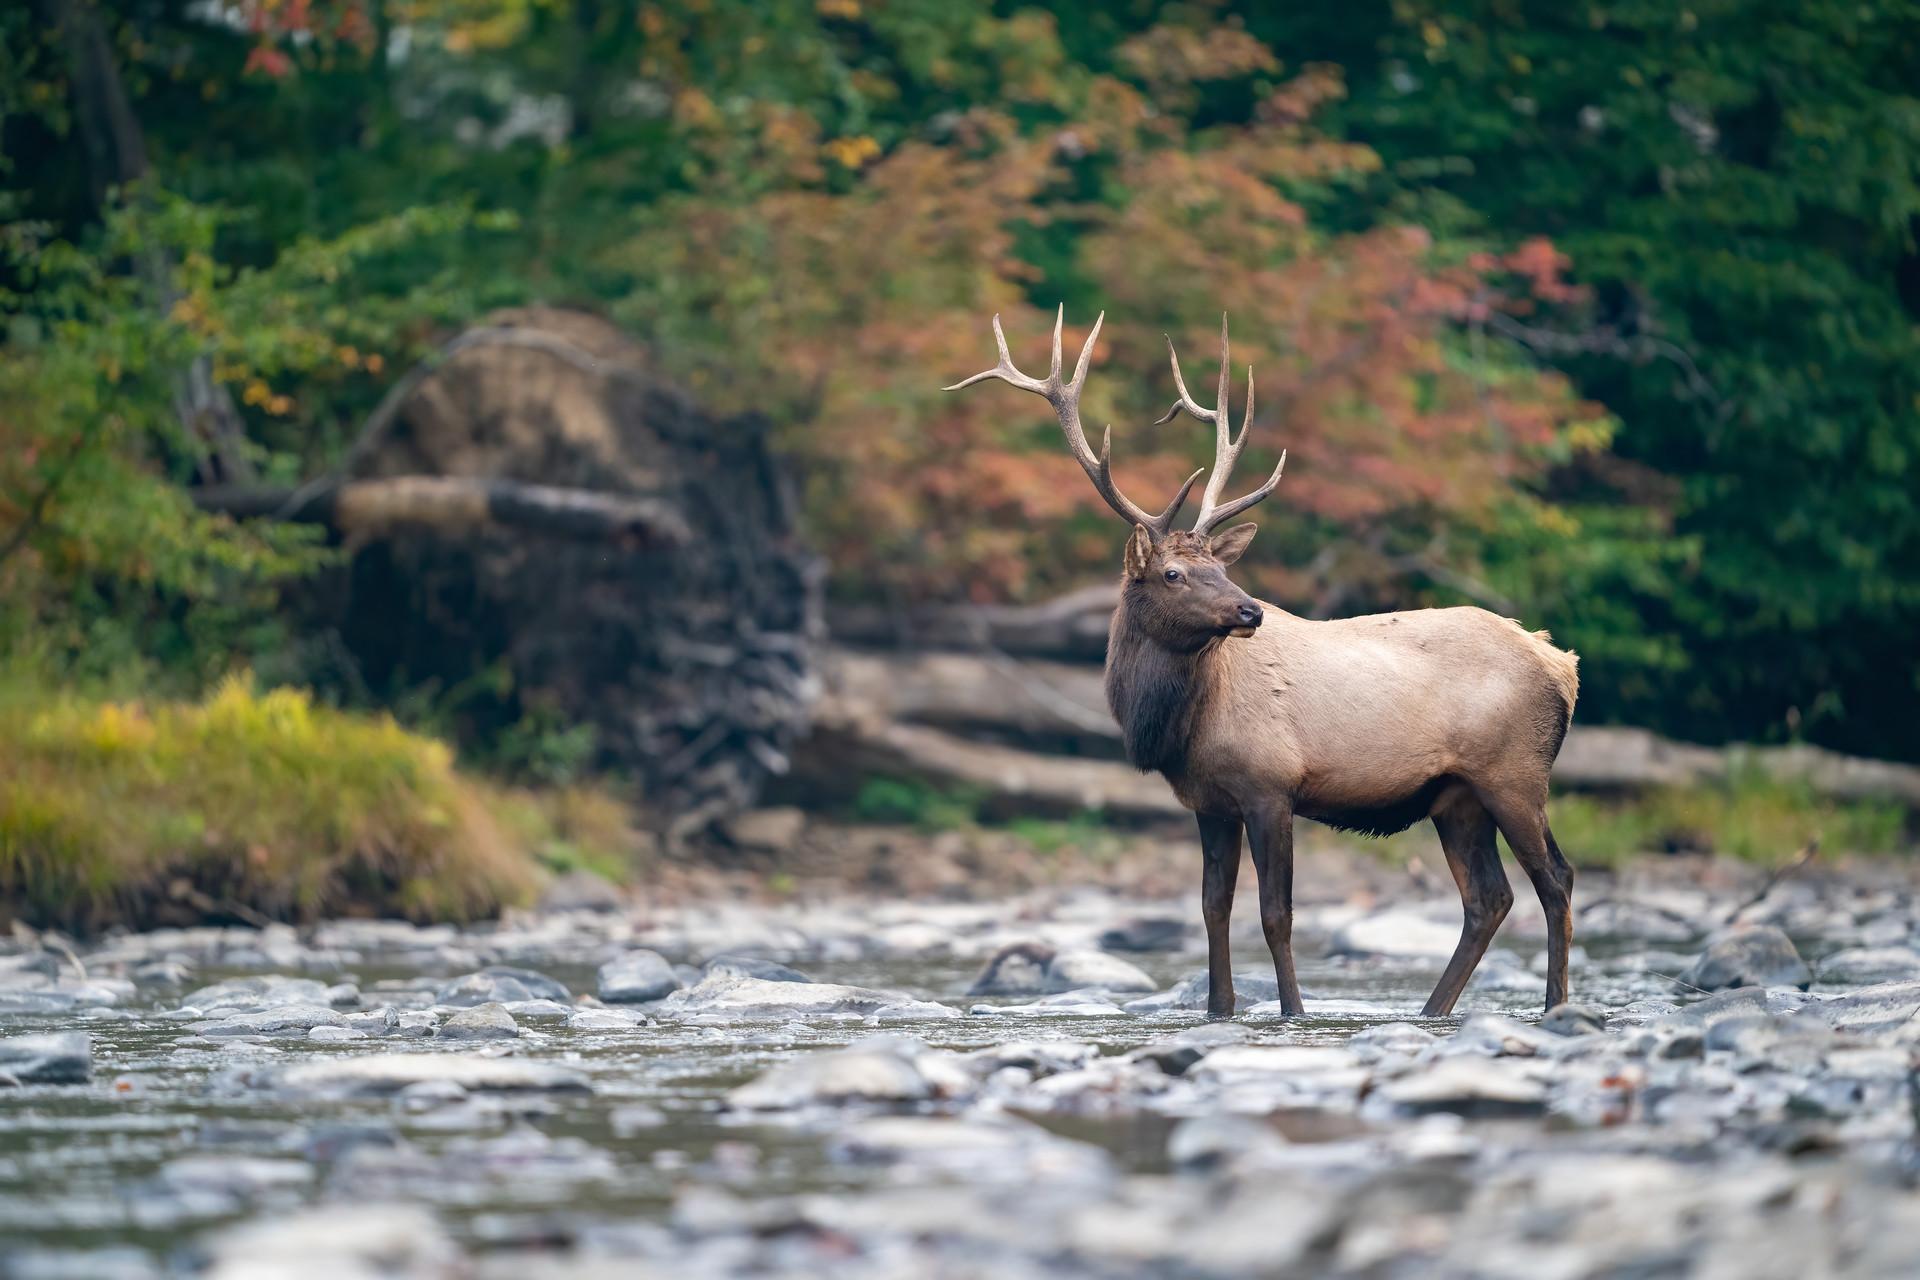 Bull elk crossing river